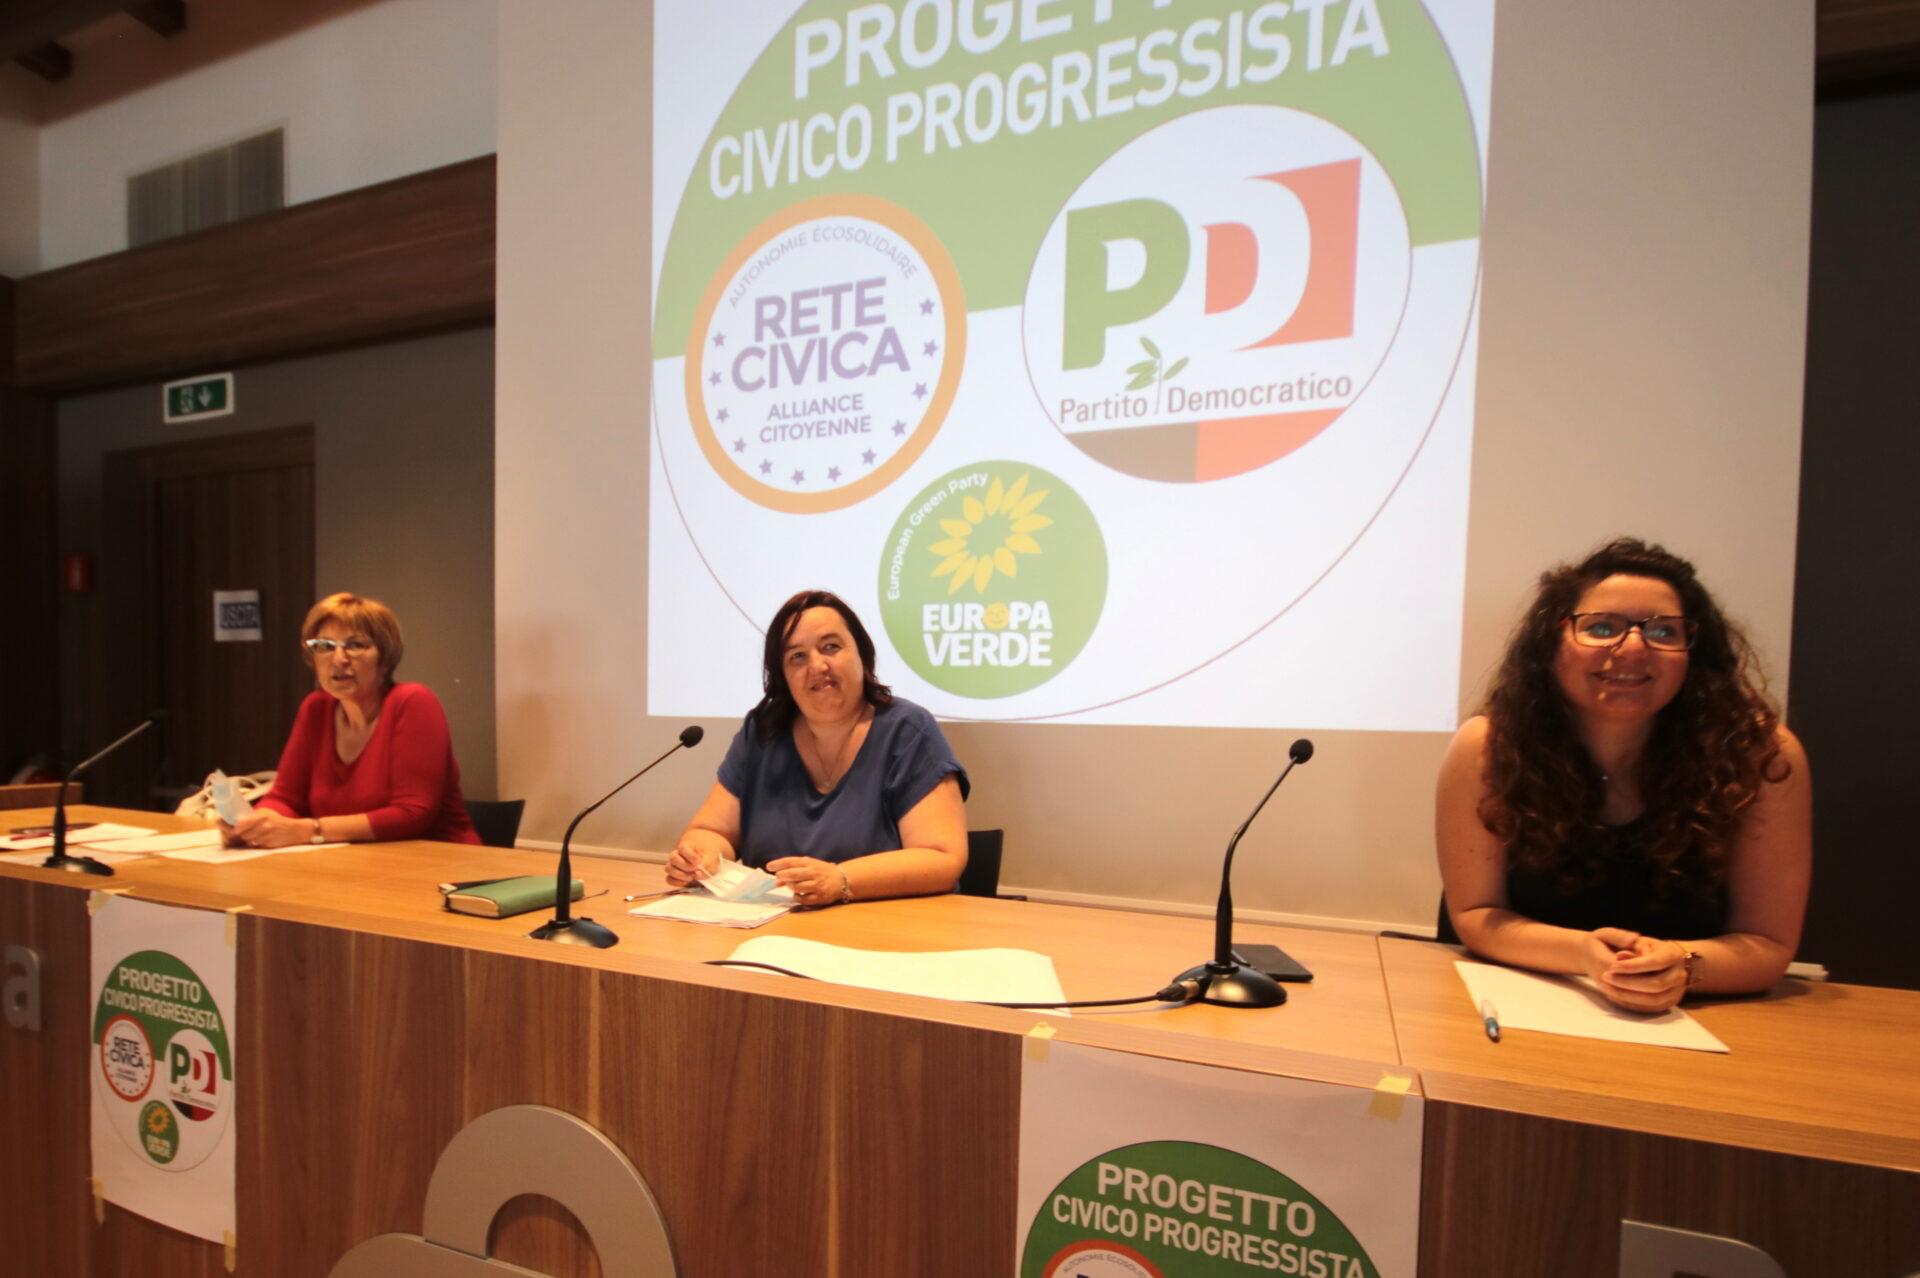 Progetto Civico Progressista